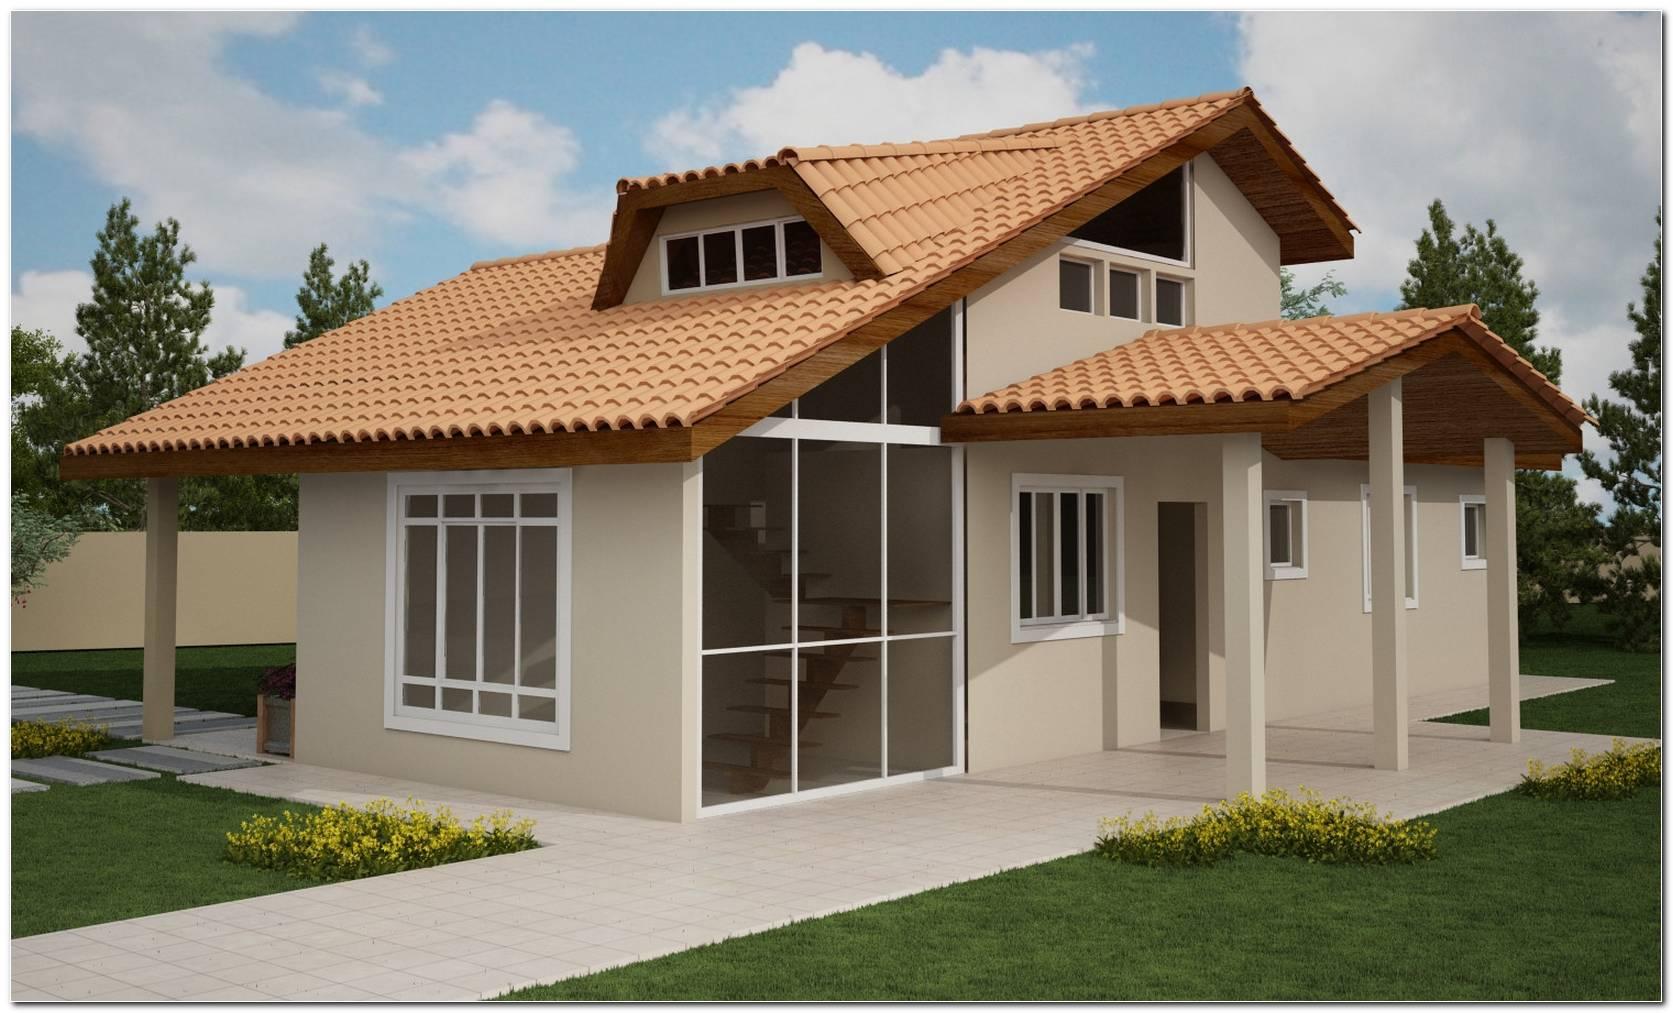 Casas Pré Fabricadas Concreto Preço Sp